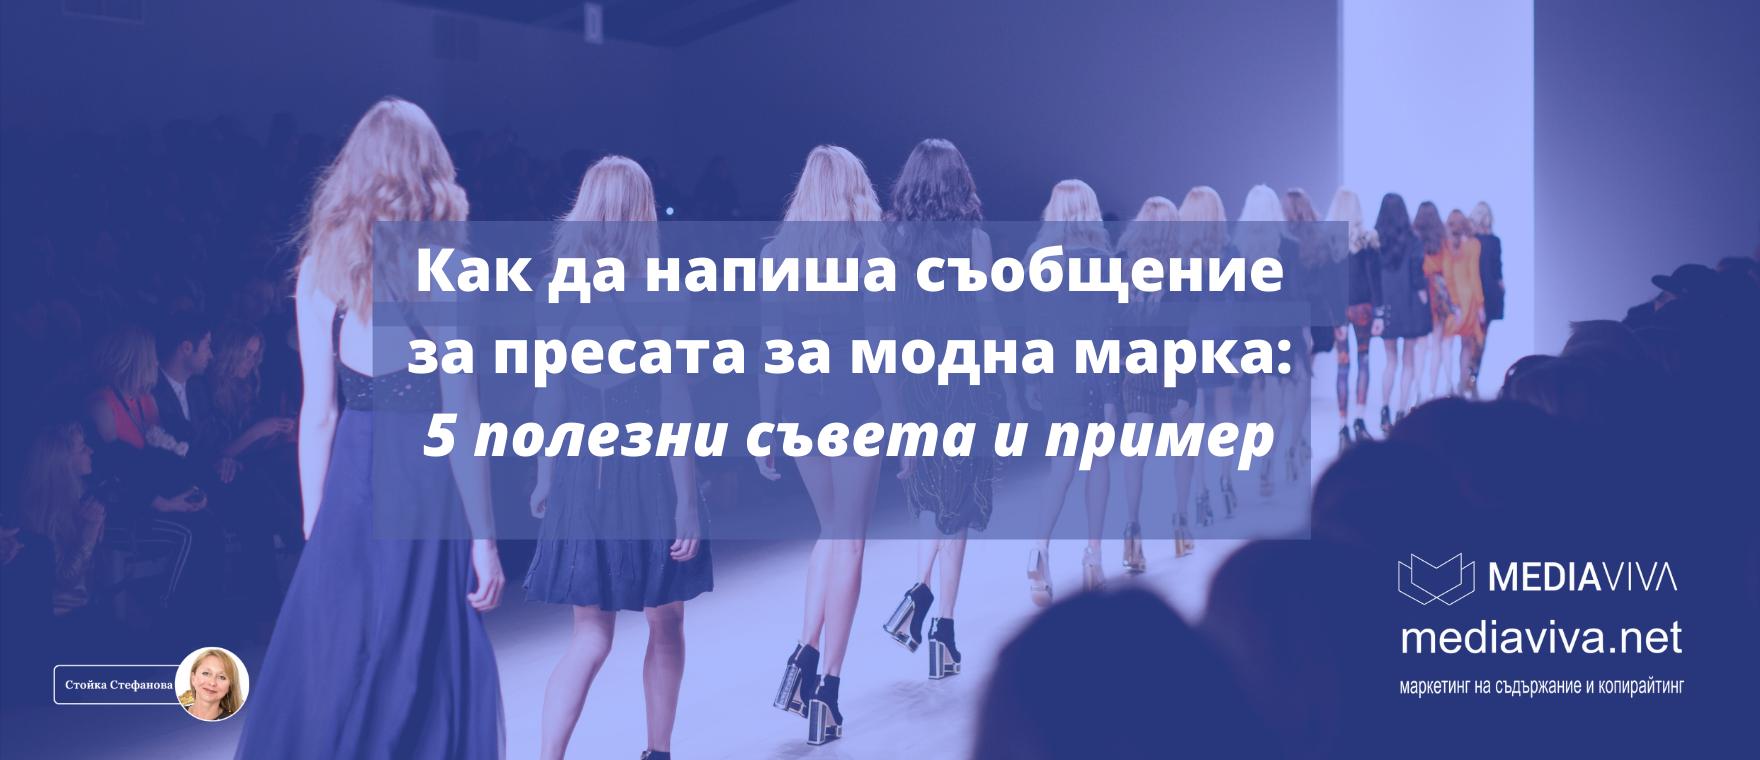 Как да напиша съобщение за пресата за модна марка - 5 полезни съвета и пример